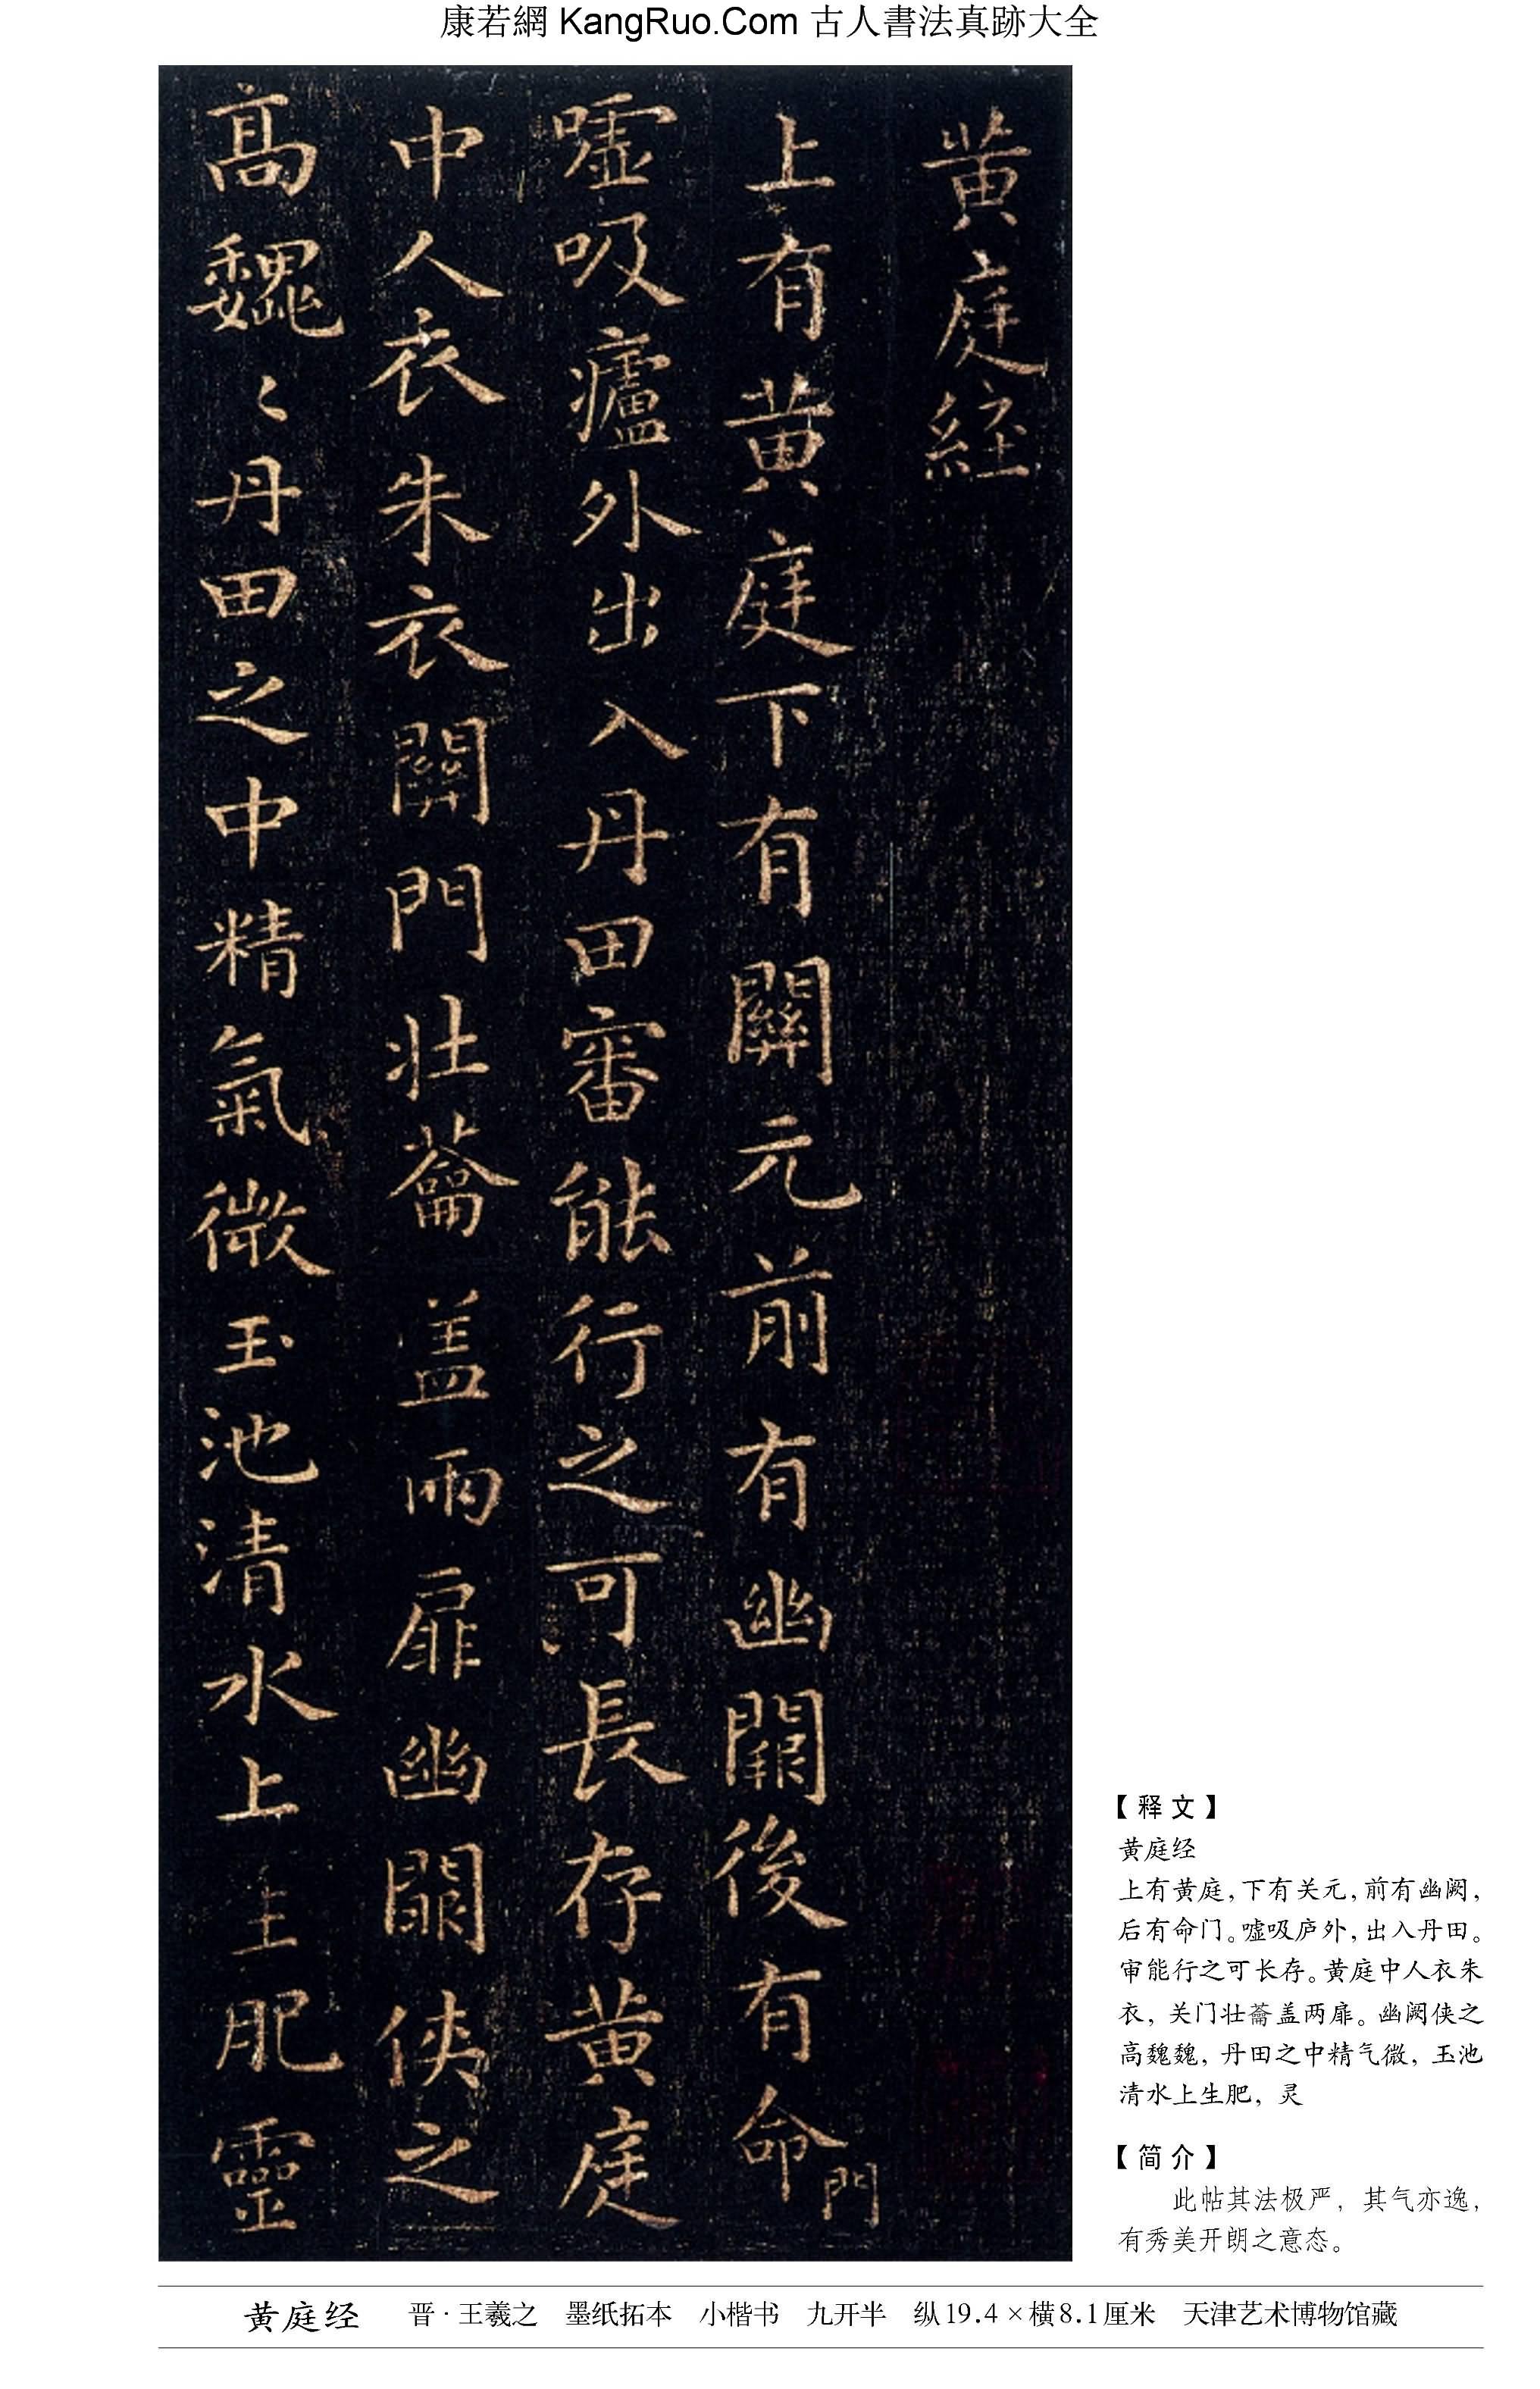 《黃庭經》書法真跡(小楷)【晉代·王羲之】_00023